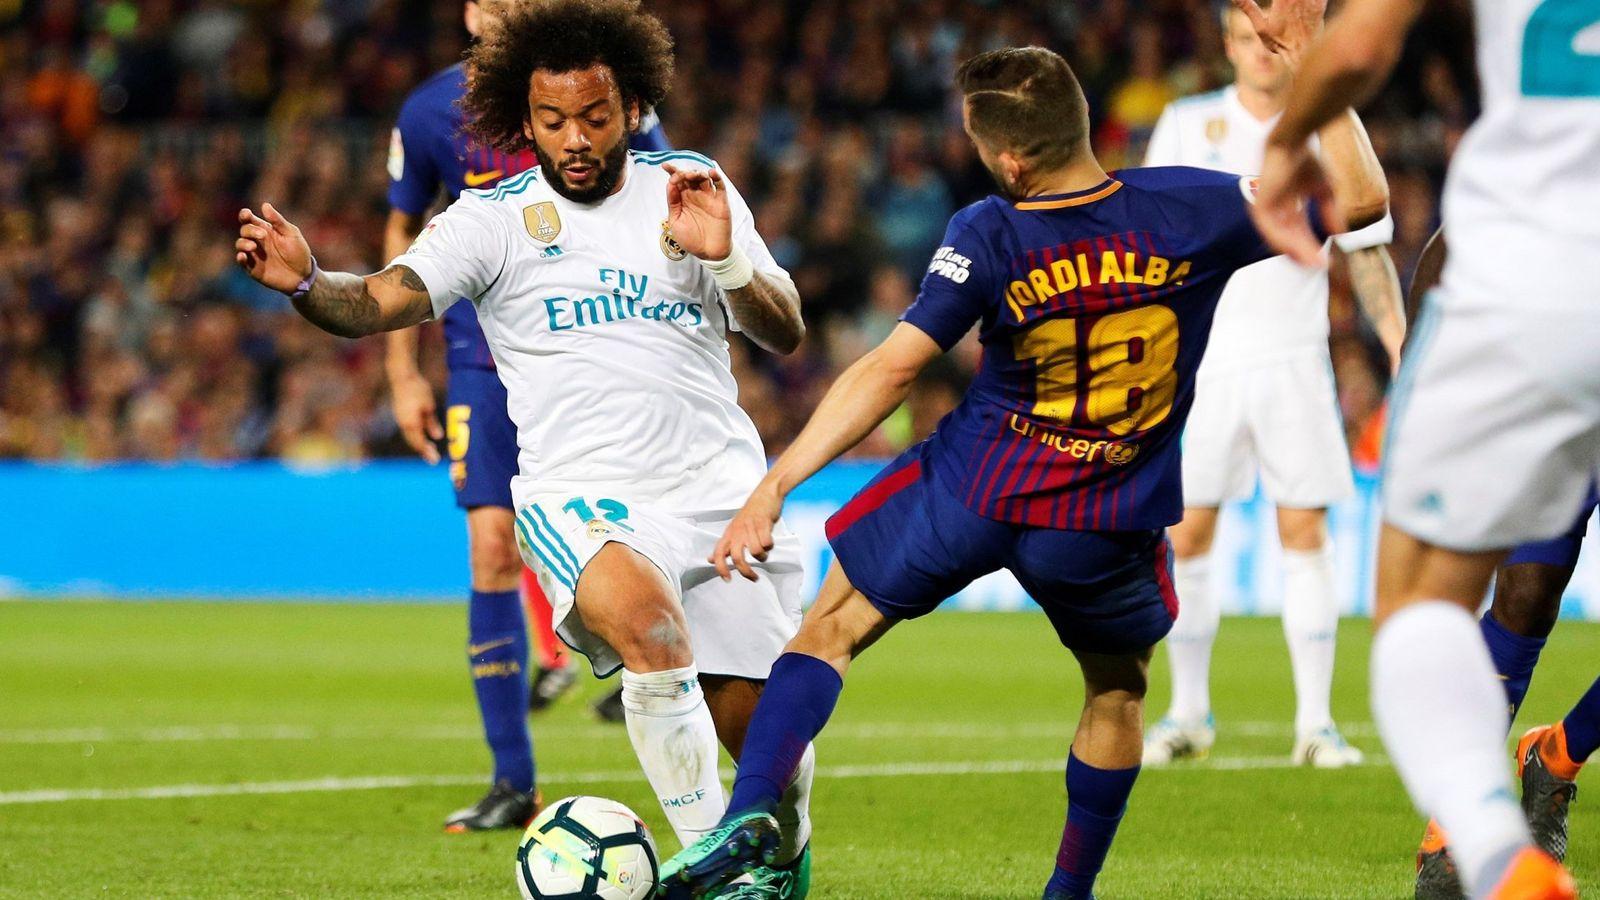 22a8a111b9e54 Clásico Real Madrid - Barcelona  Por qué el VAR no acabará con el lío  arbitral (y en qué cuatro casos se puede usar)